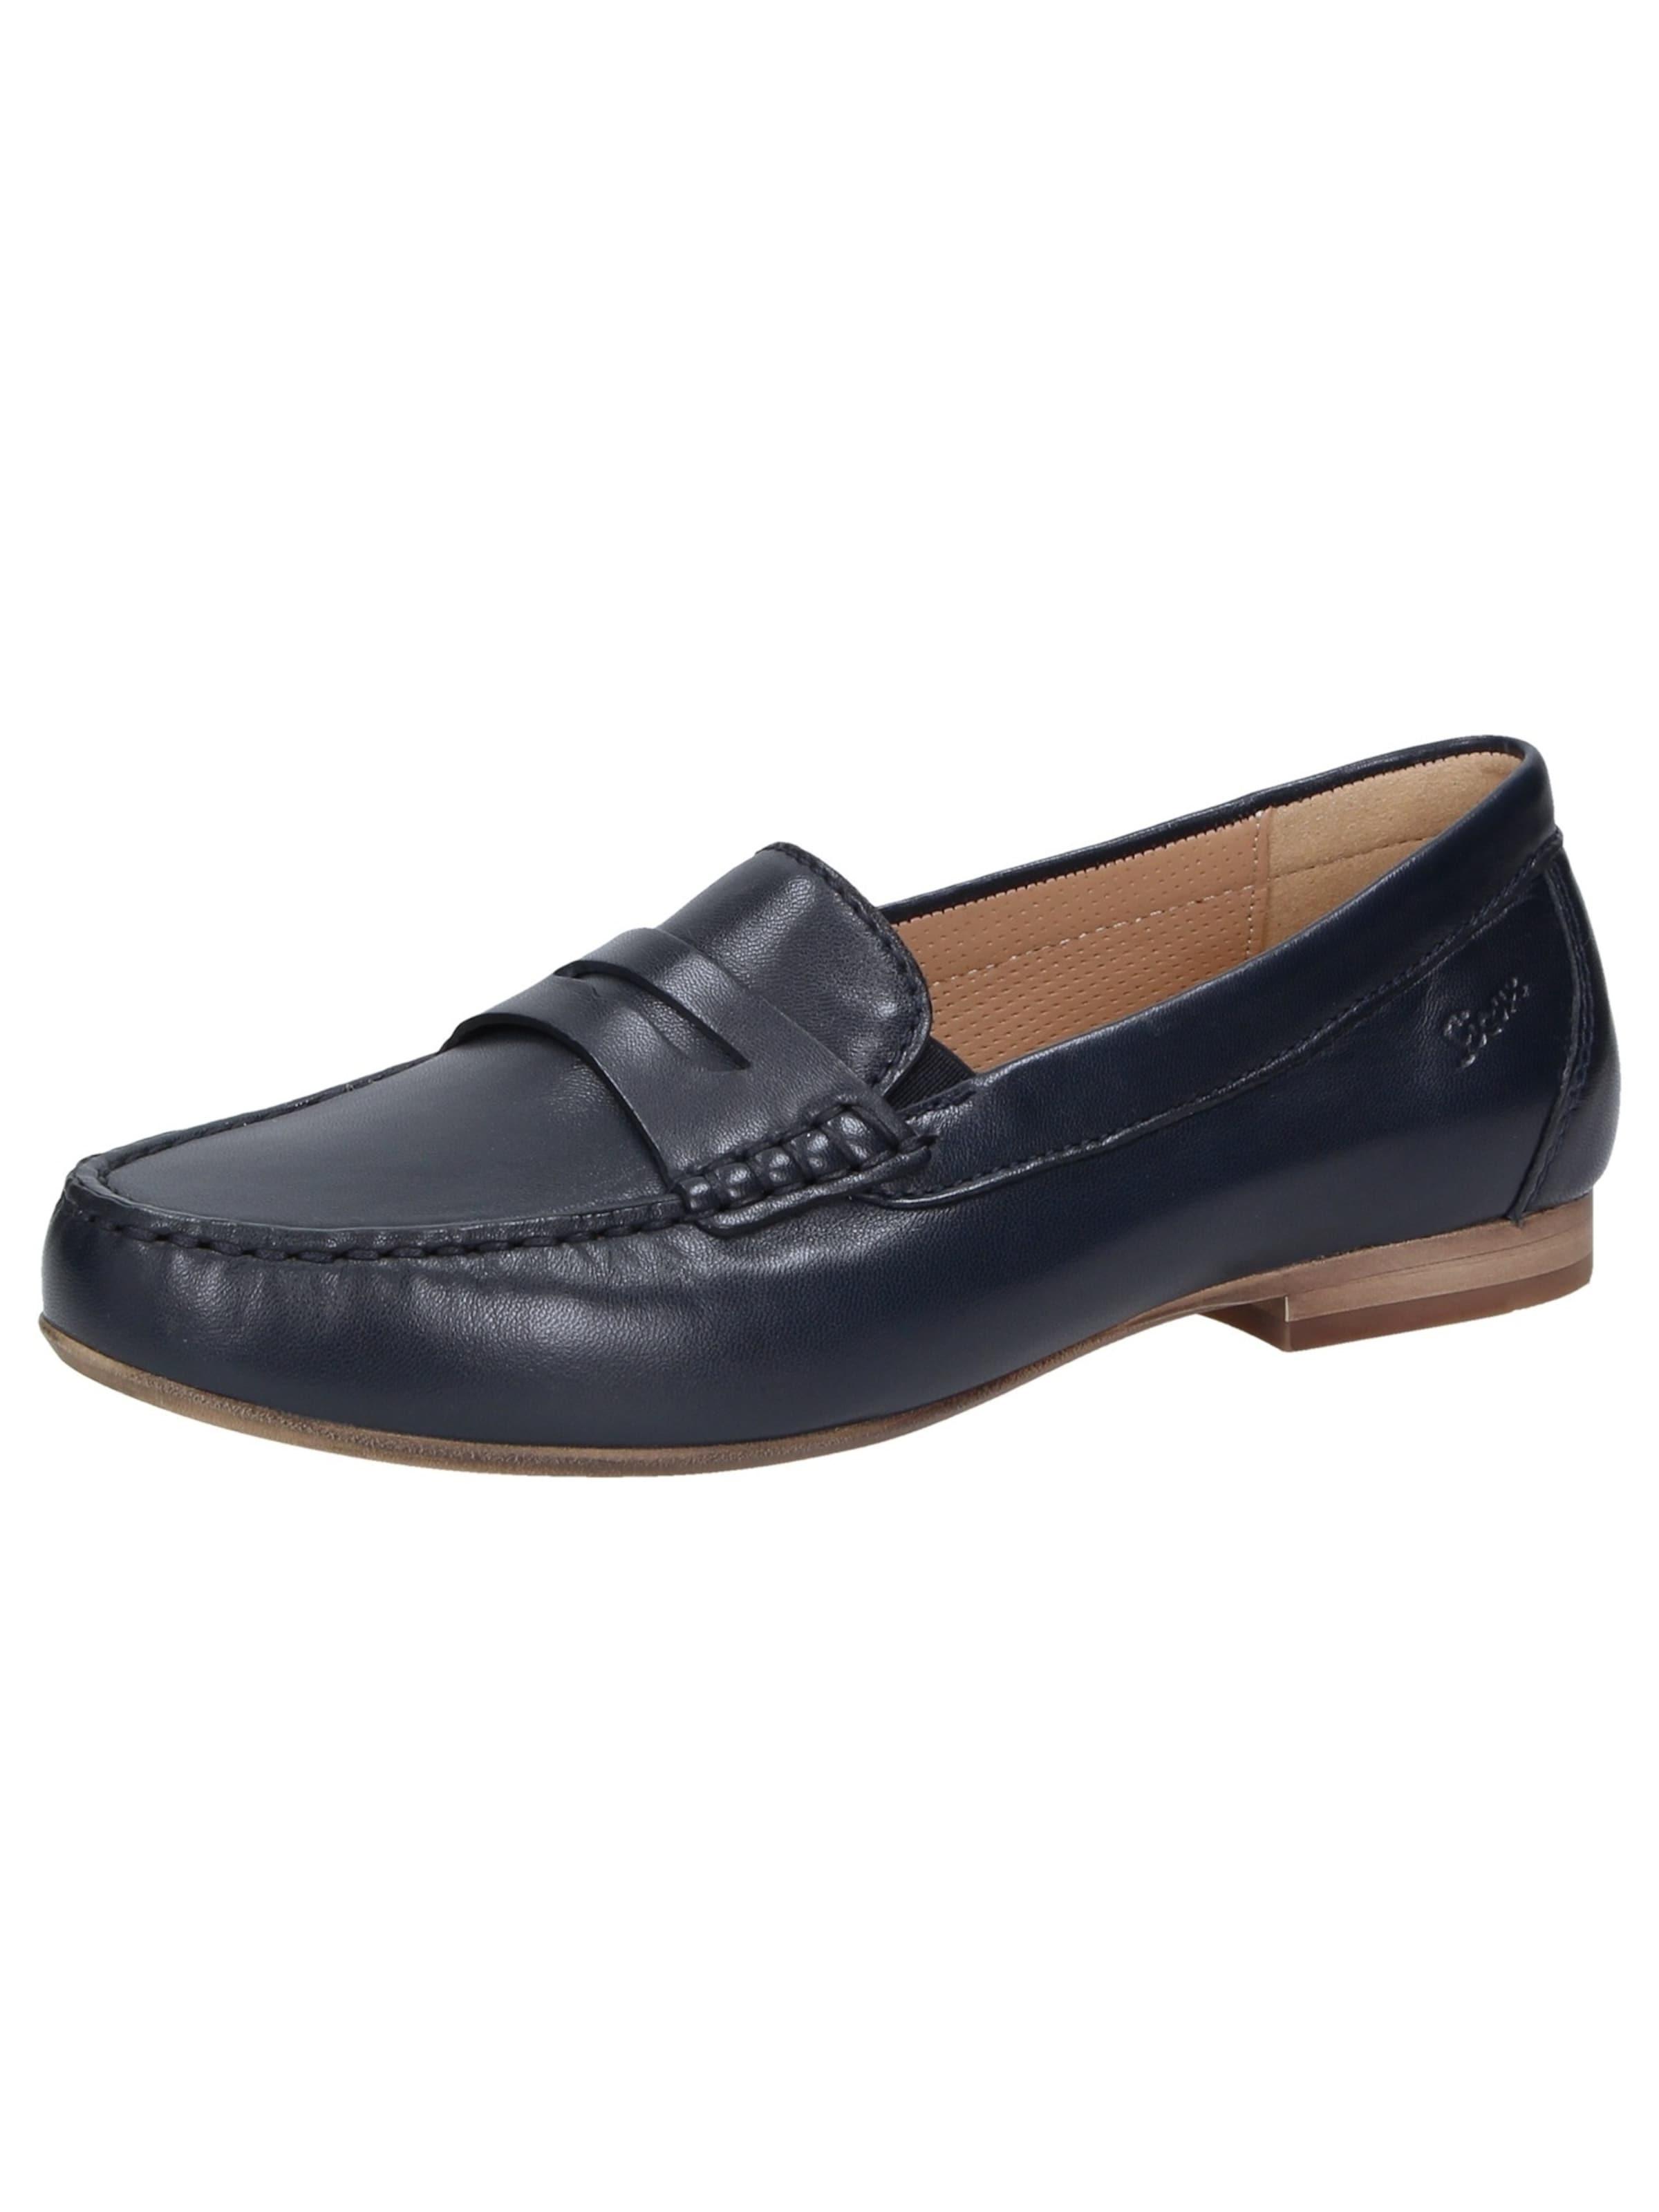 SIOUX Slipper Schuhe Bodena-XL Verschleißfeste billige Schuhe Slipper 419106